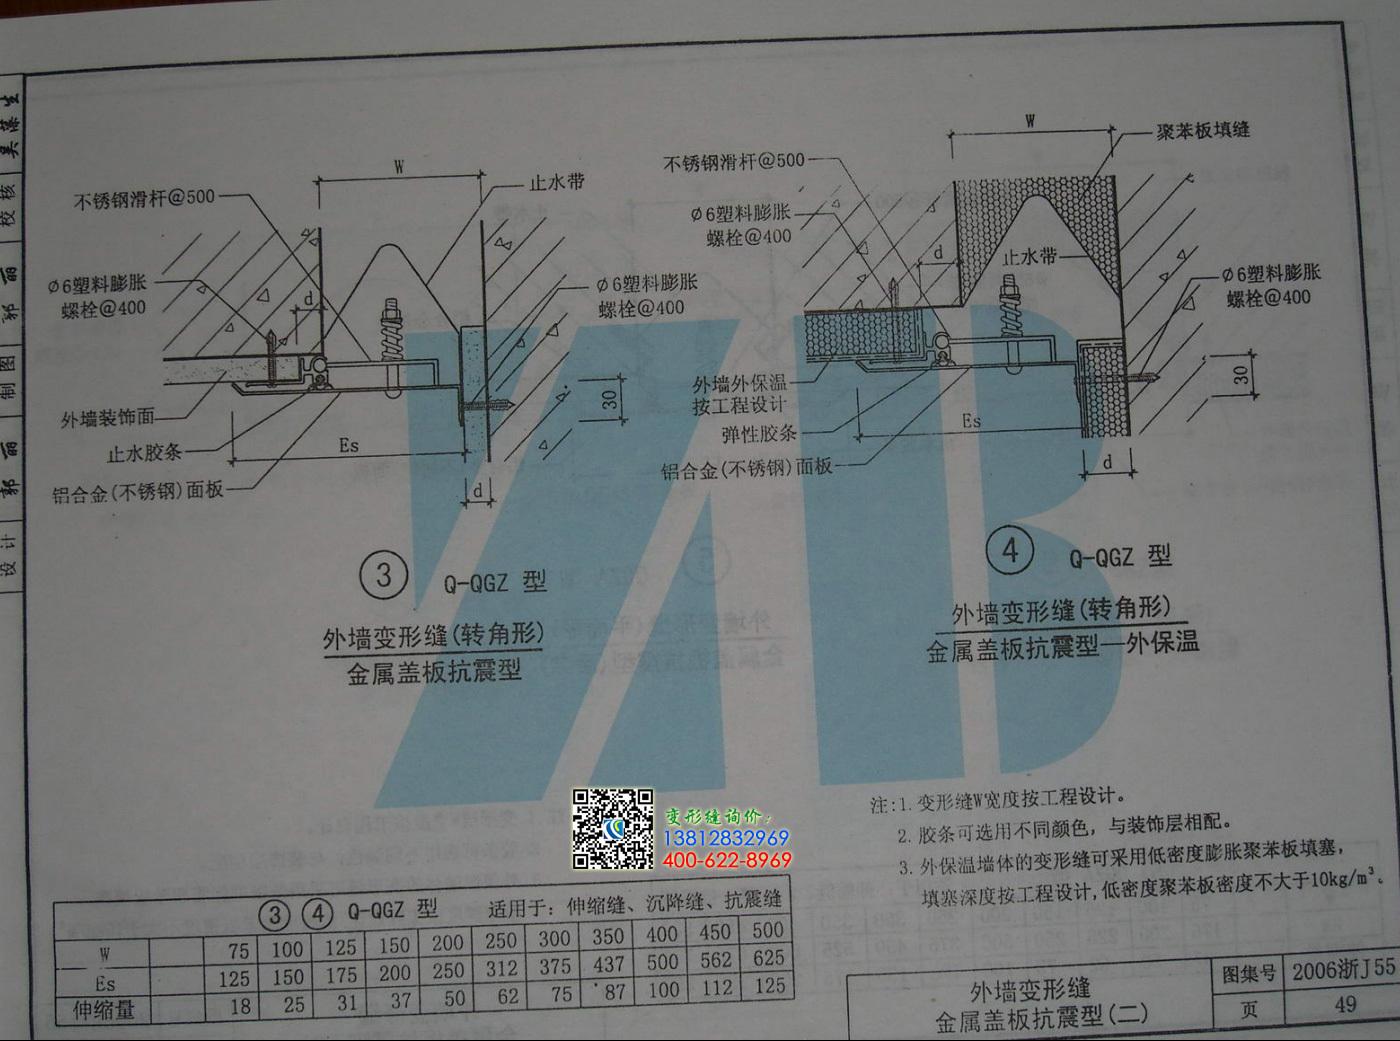 2006浙j55外墙变形缝金属盖板抗震型(二)